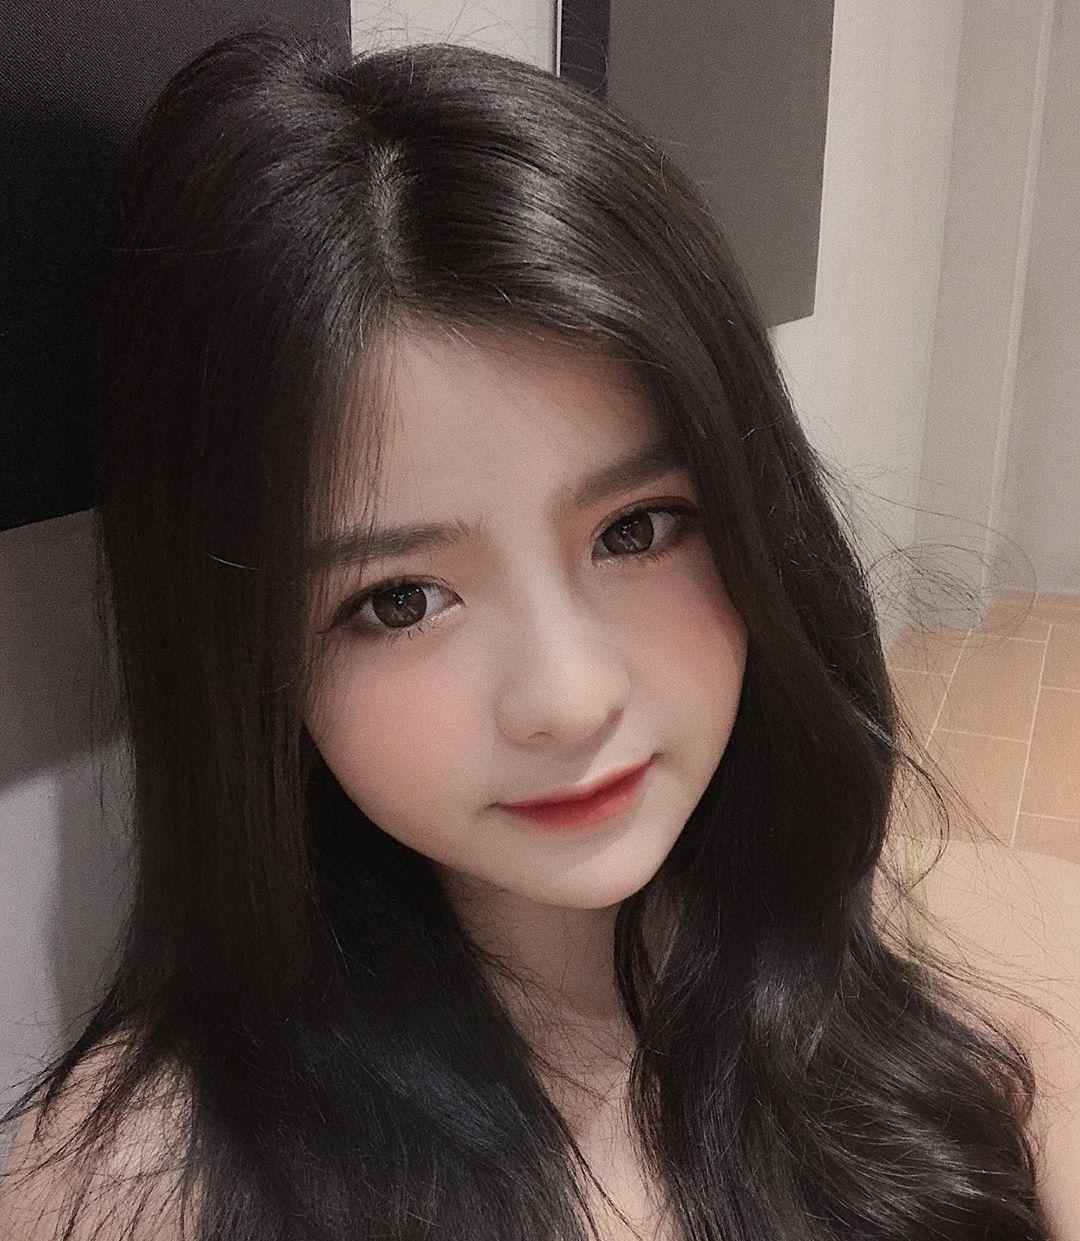 好可爱的越南美女甜甜的让人回想起初恋滋味_高清图集_新浪网